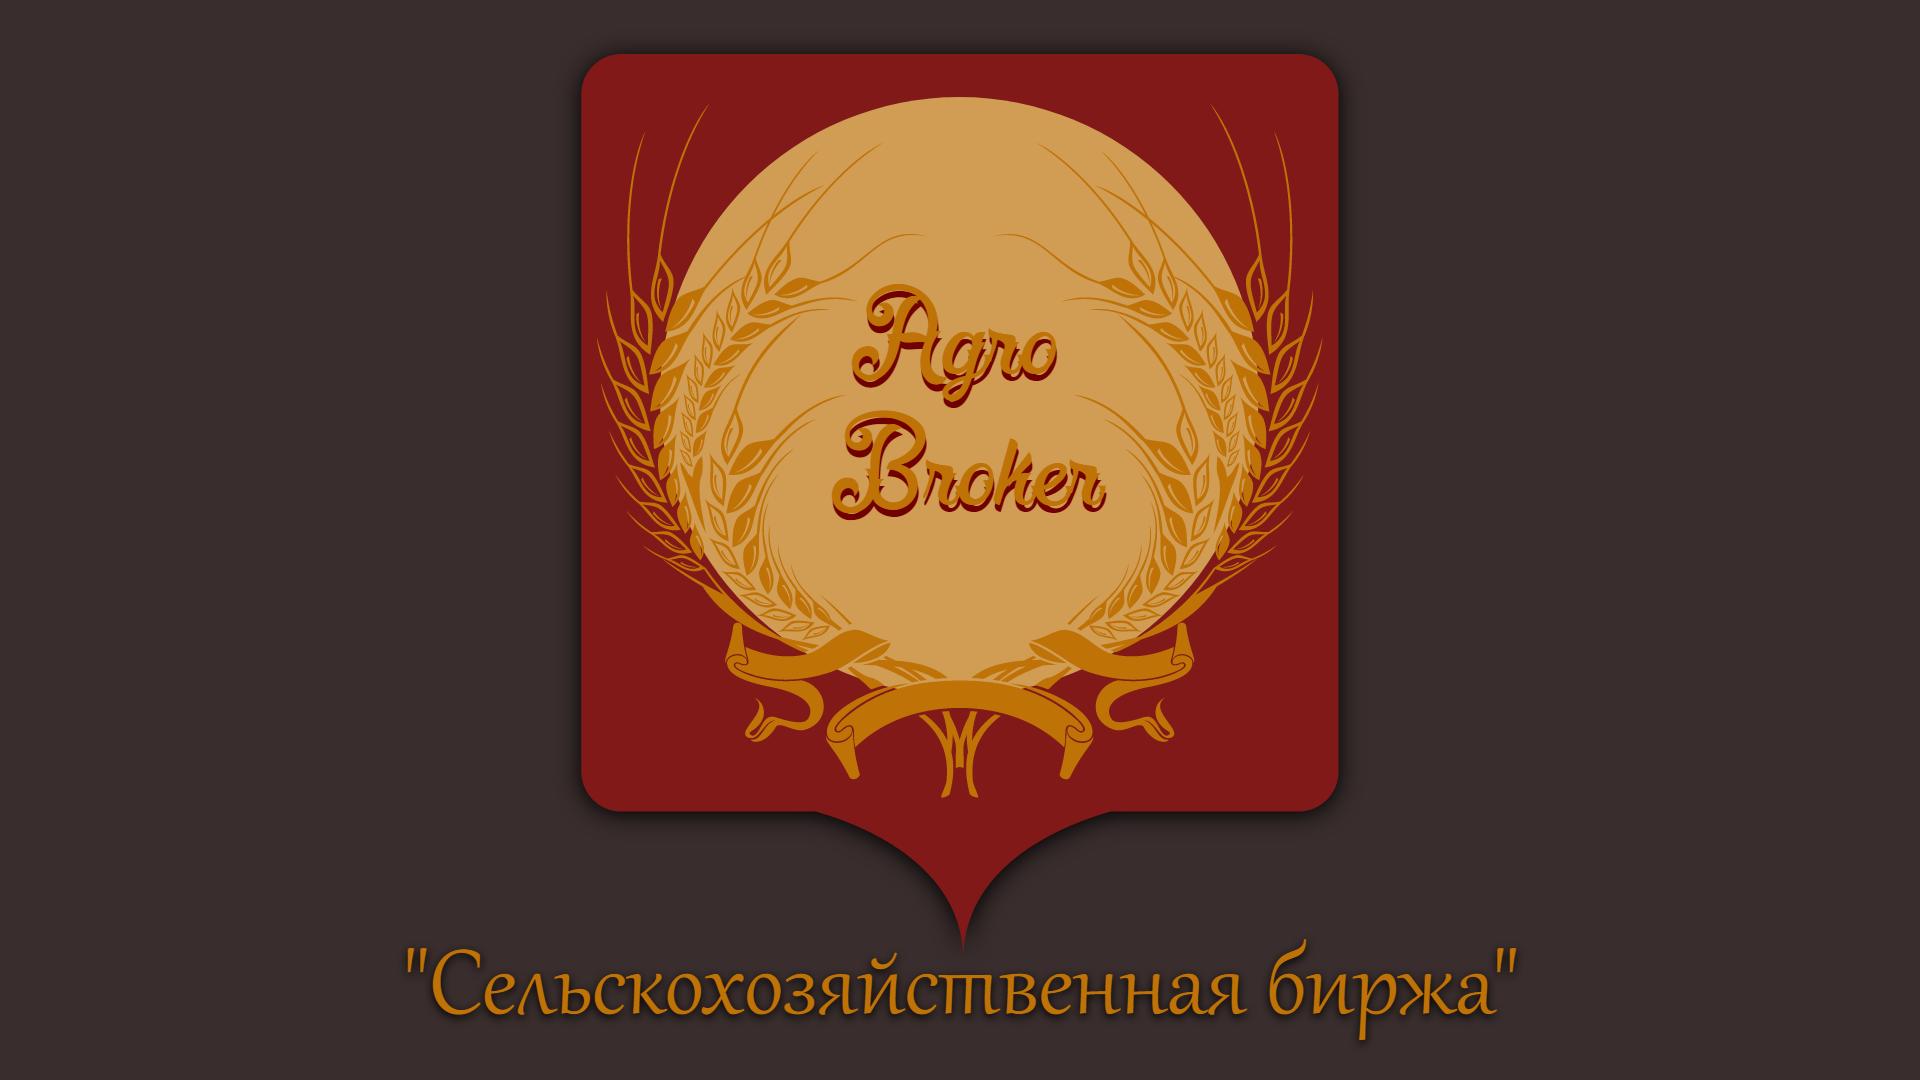 ТЗ на разработку пакета айдентики Agro.Broker фото f_565596660a22902d.png